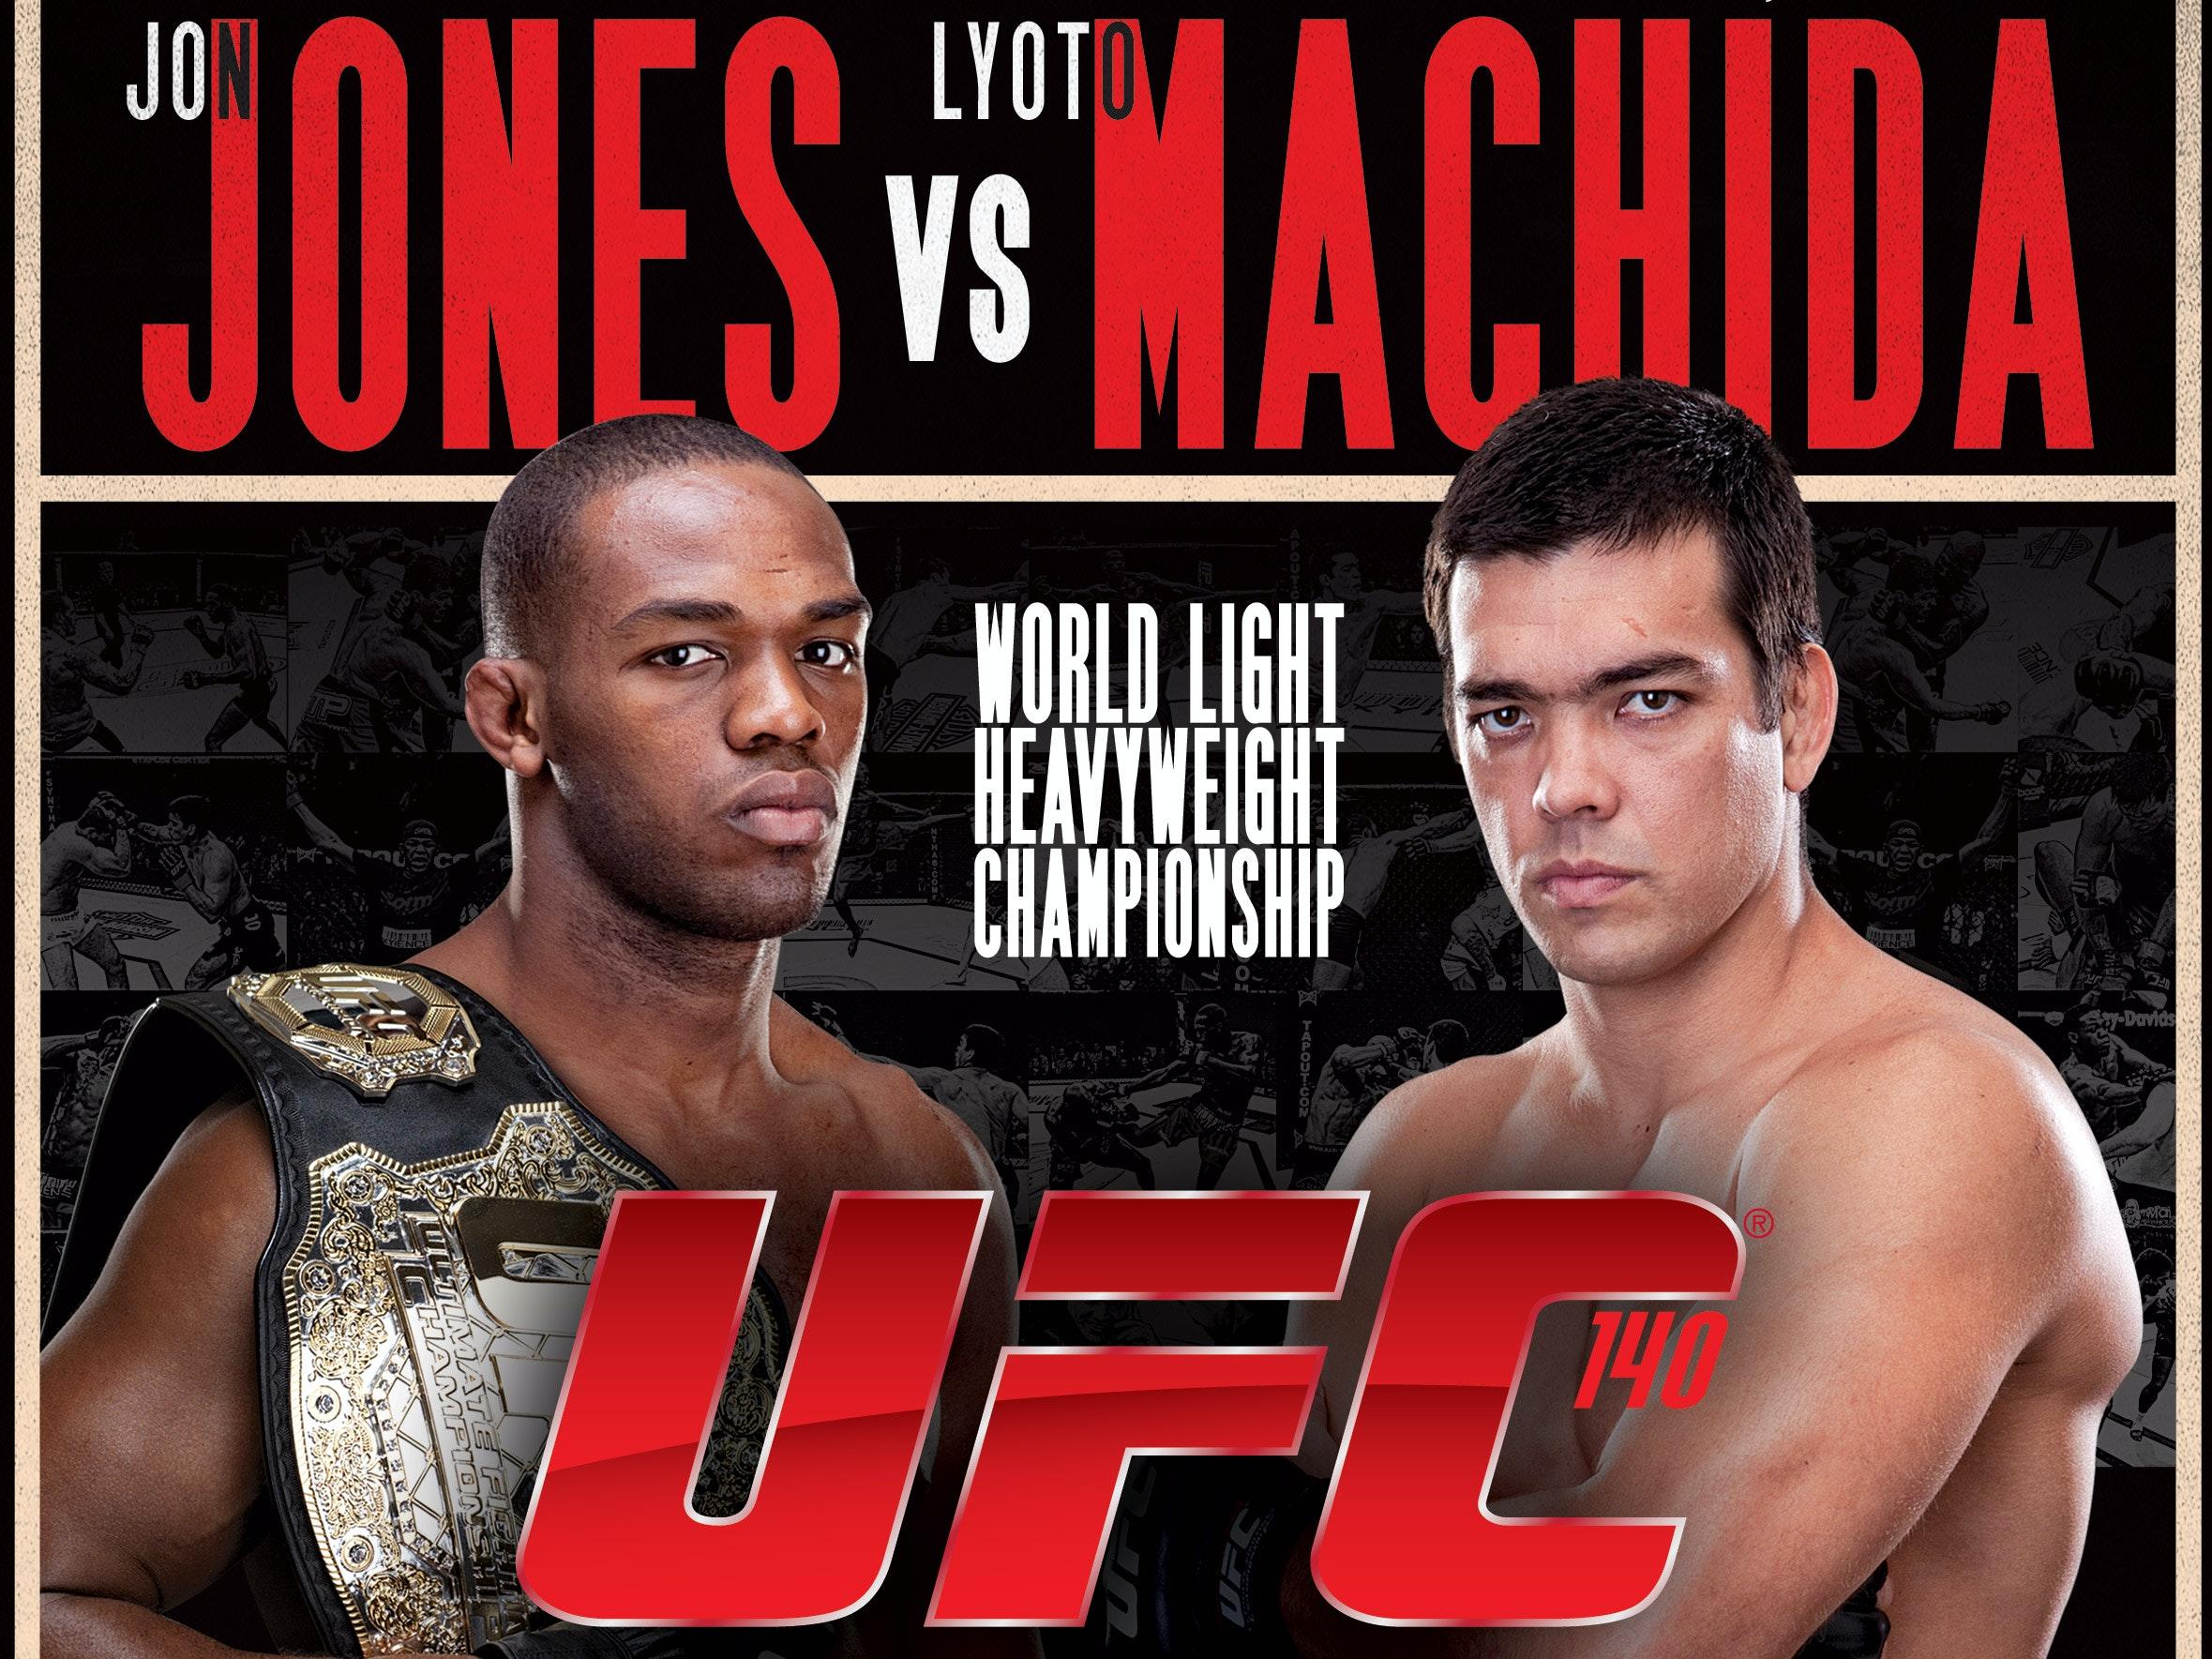 UFC 140: Jones vs. Machida